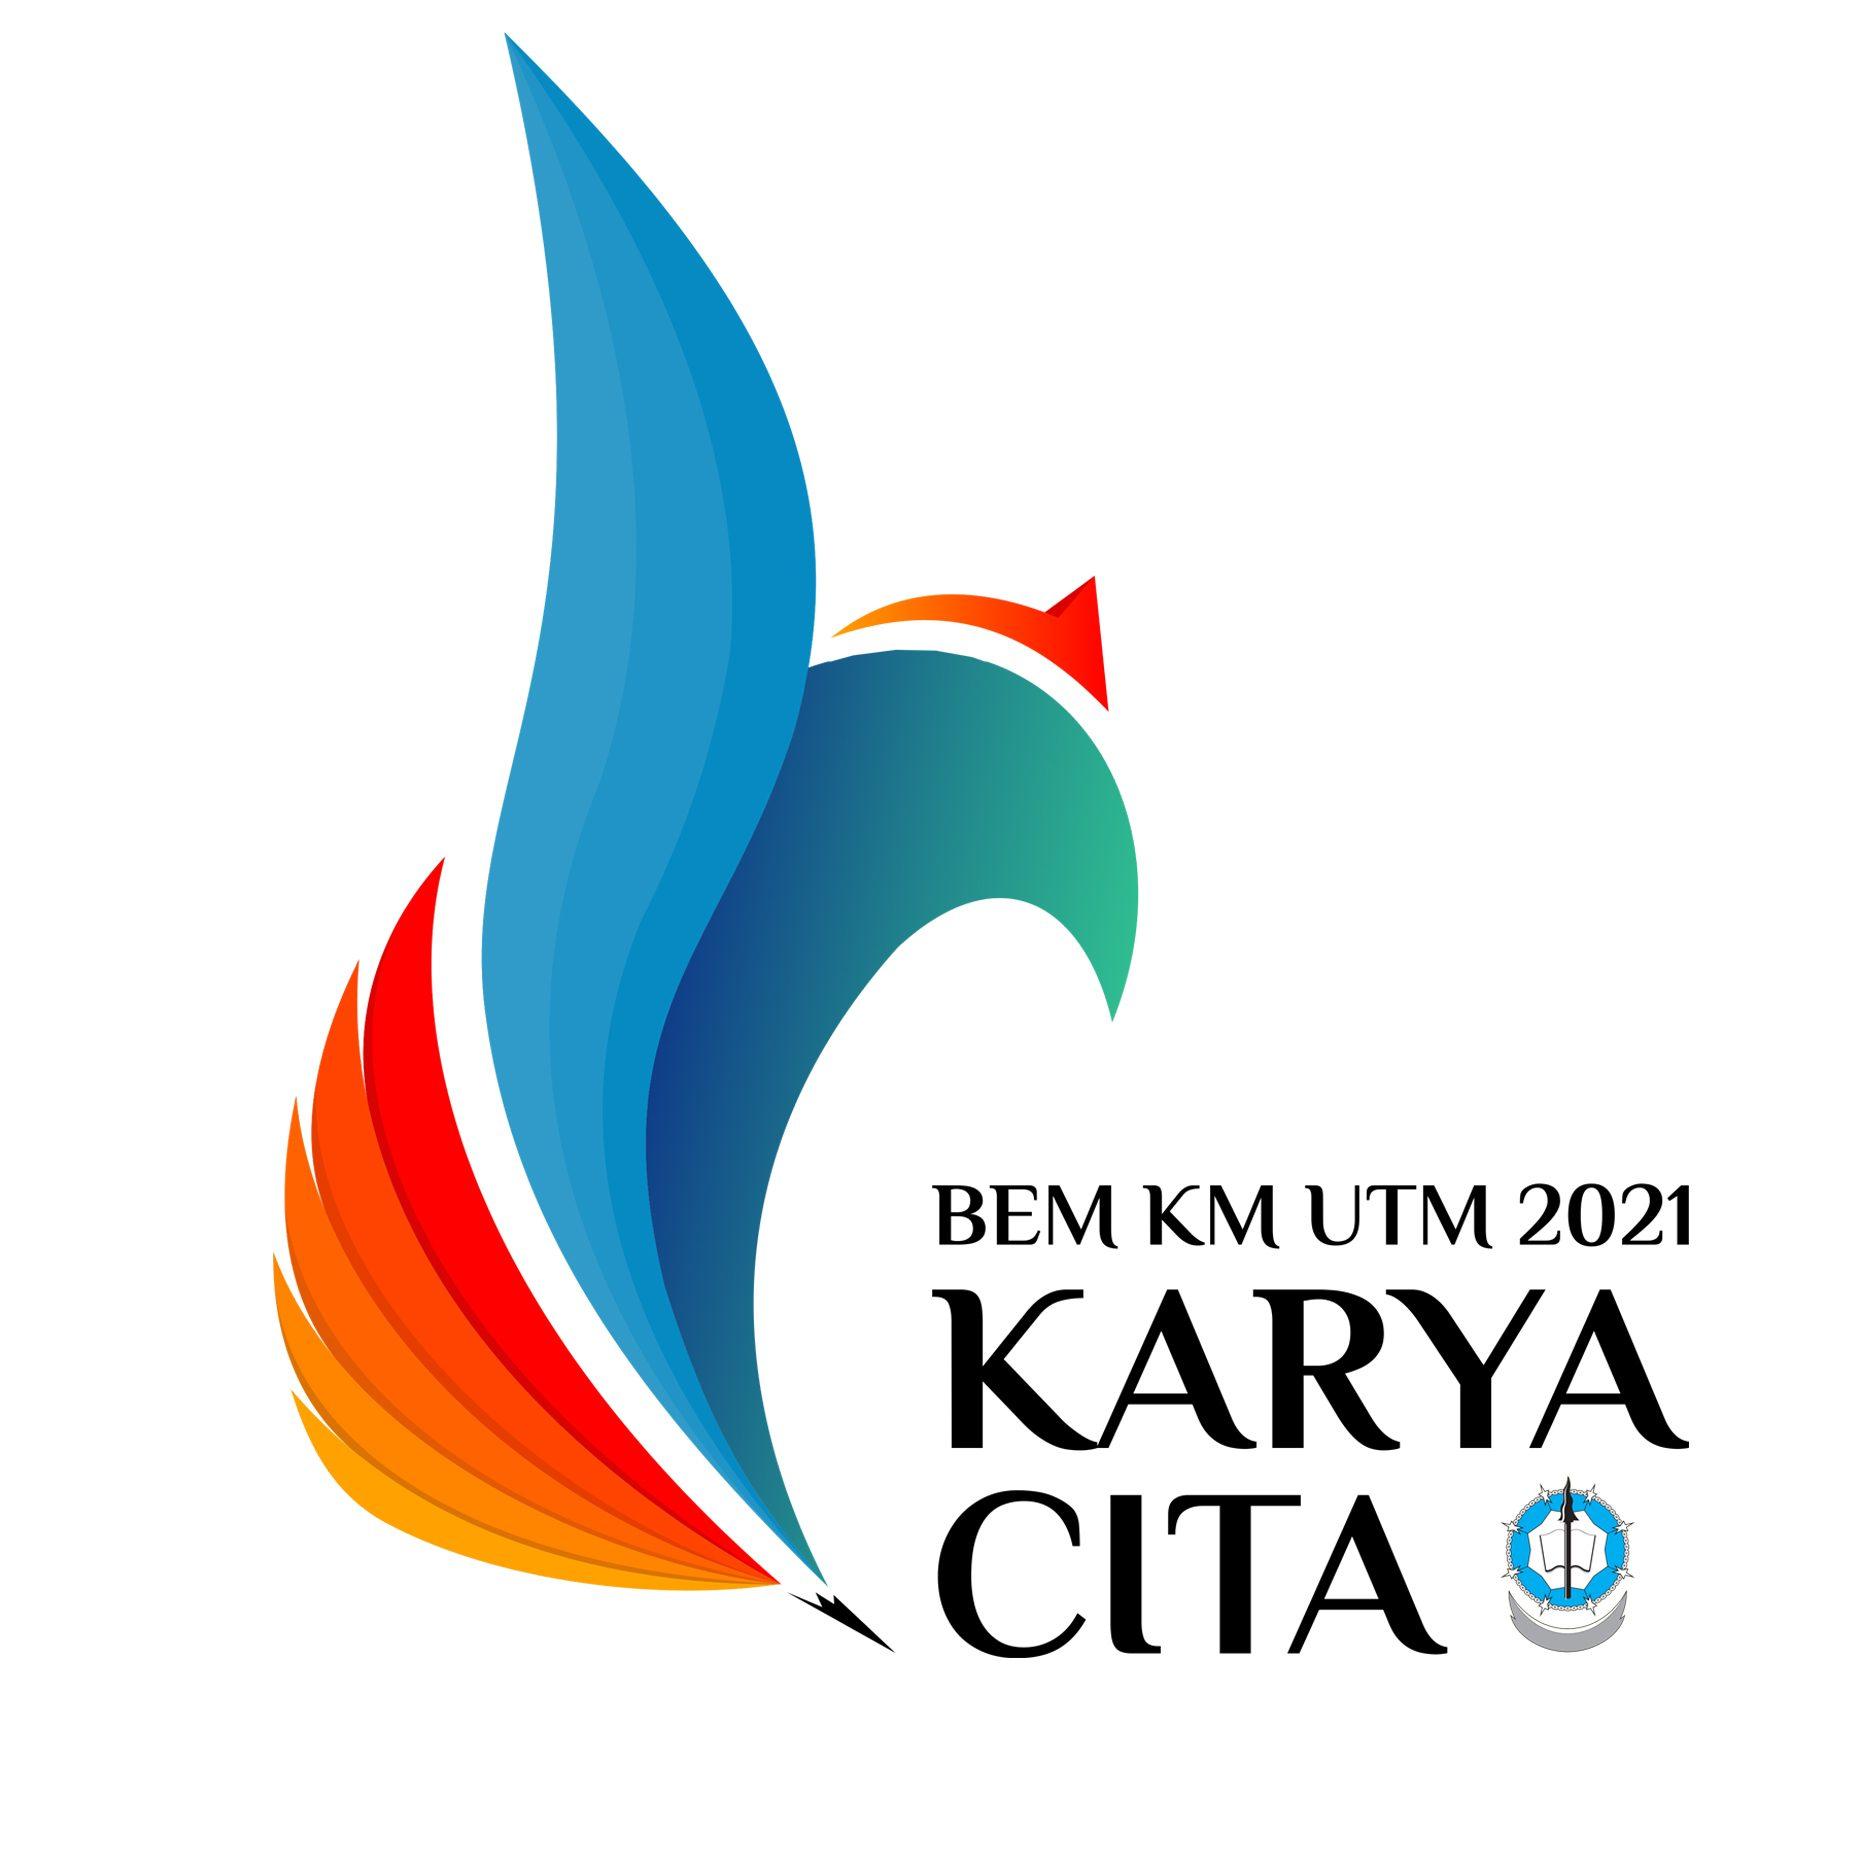 BEM KM - UTM 2021